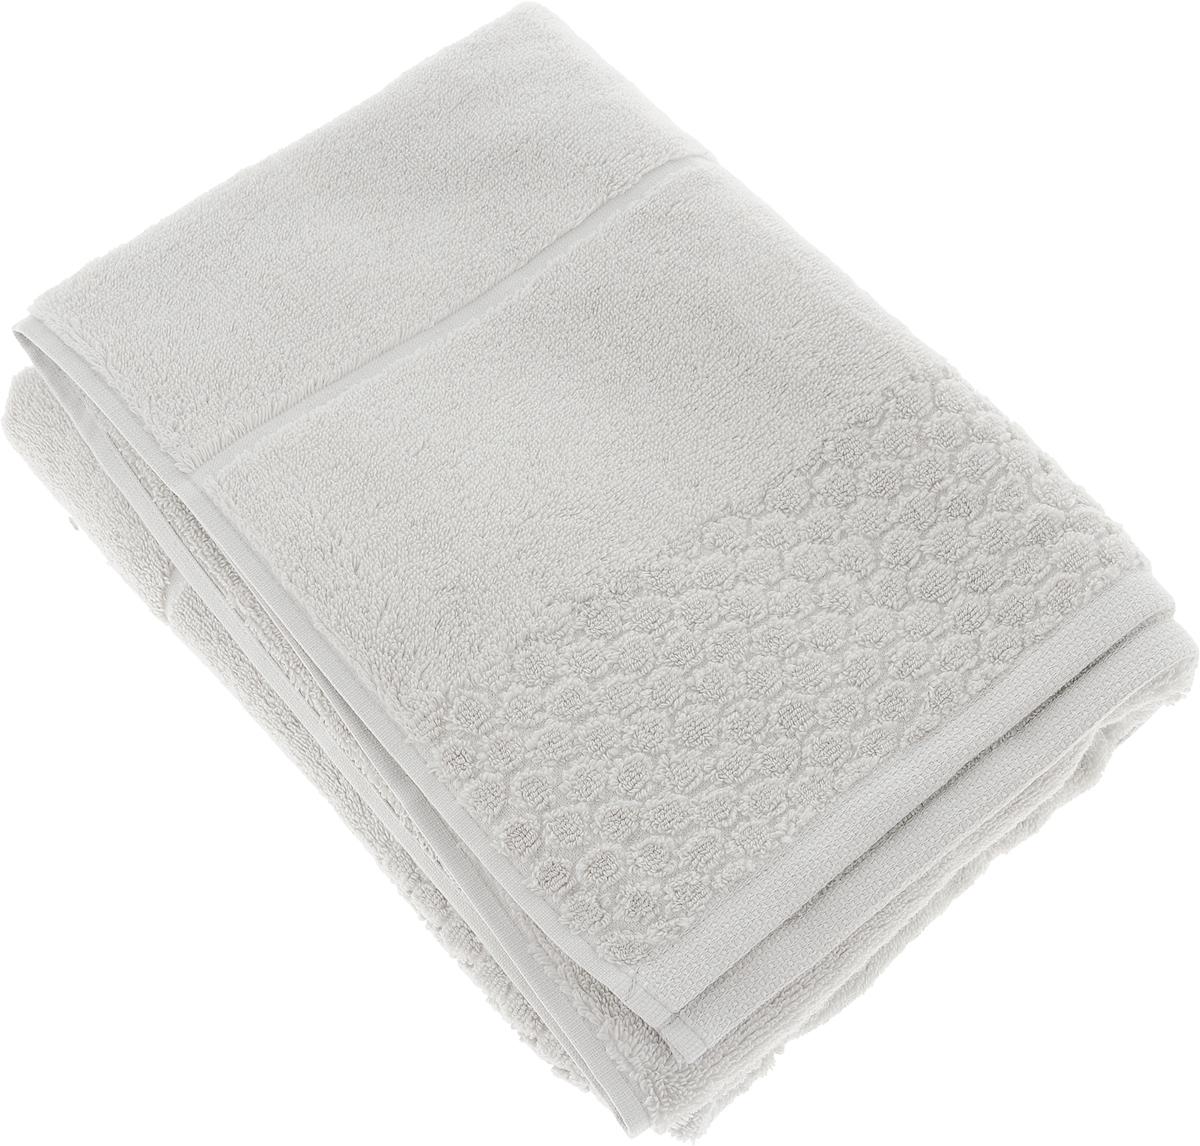 Полотенце Arya Vesper, цвет: серый, 70 x 140 смTR1002515_СерыйПолотенце Arya Vesper выполнено из 100% хлопка. Изделие отлично впитывает влагу, быстро сохнет, сохраняет яркость цвета и не теряет форму даже после многократных стирок. Такое полотенце очень практично и неприхотливо в уходе. Оно создаст прекрасное настроение и украсит интерьер в ванной комнате.